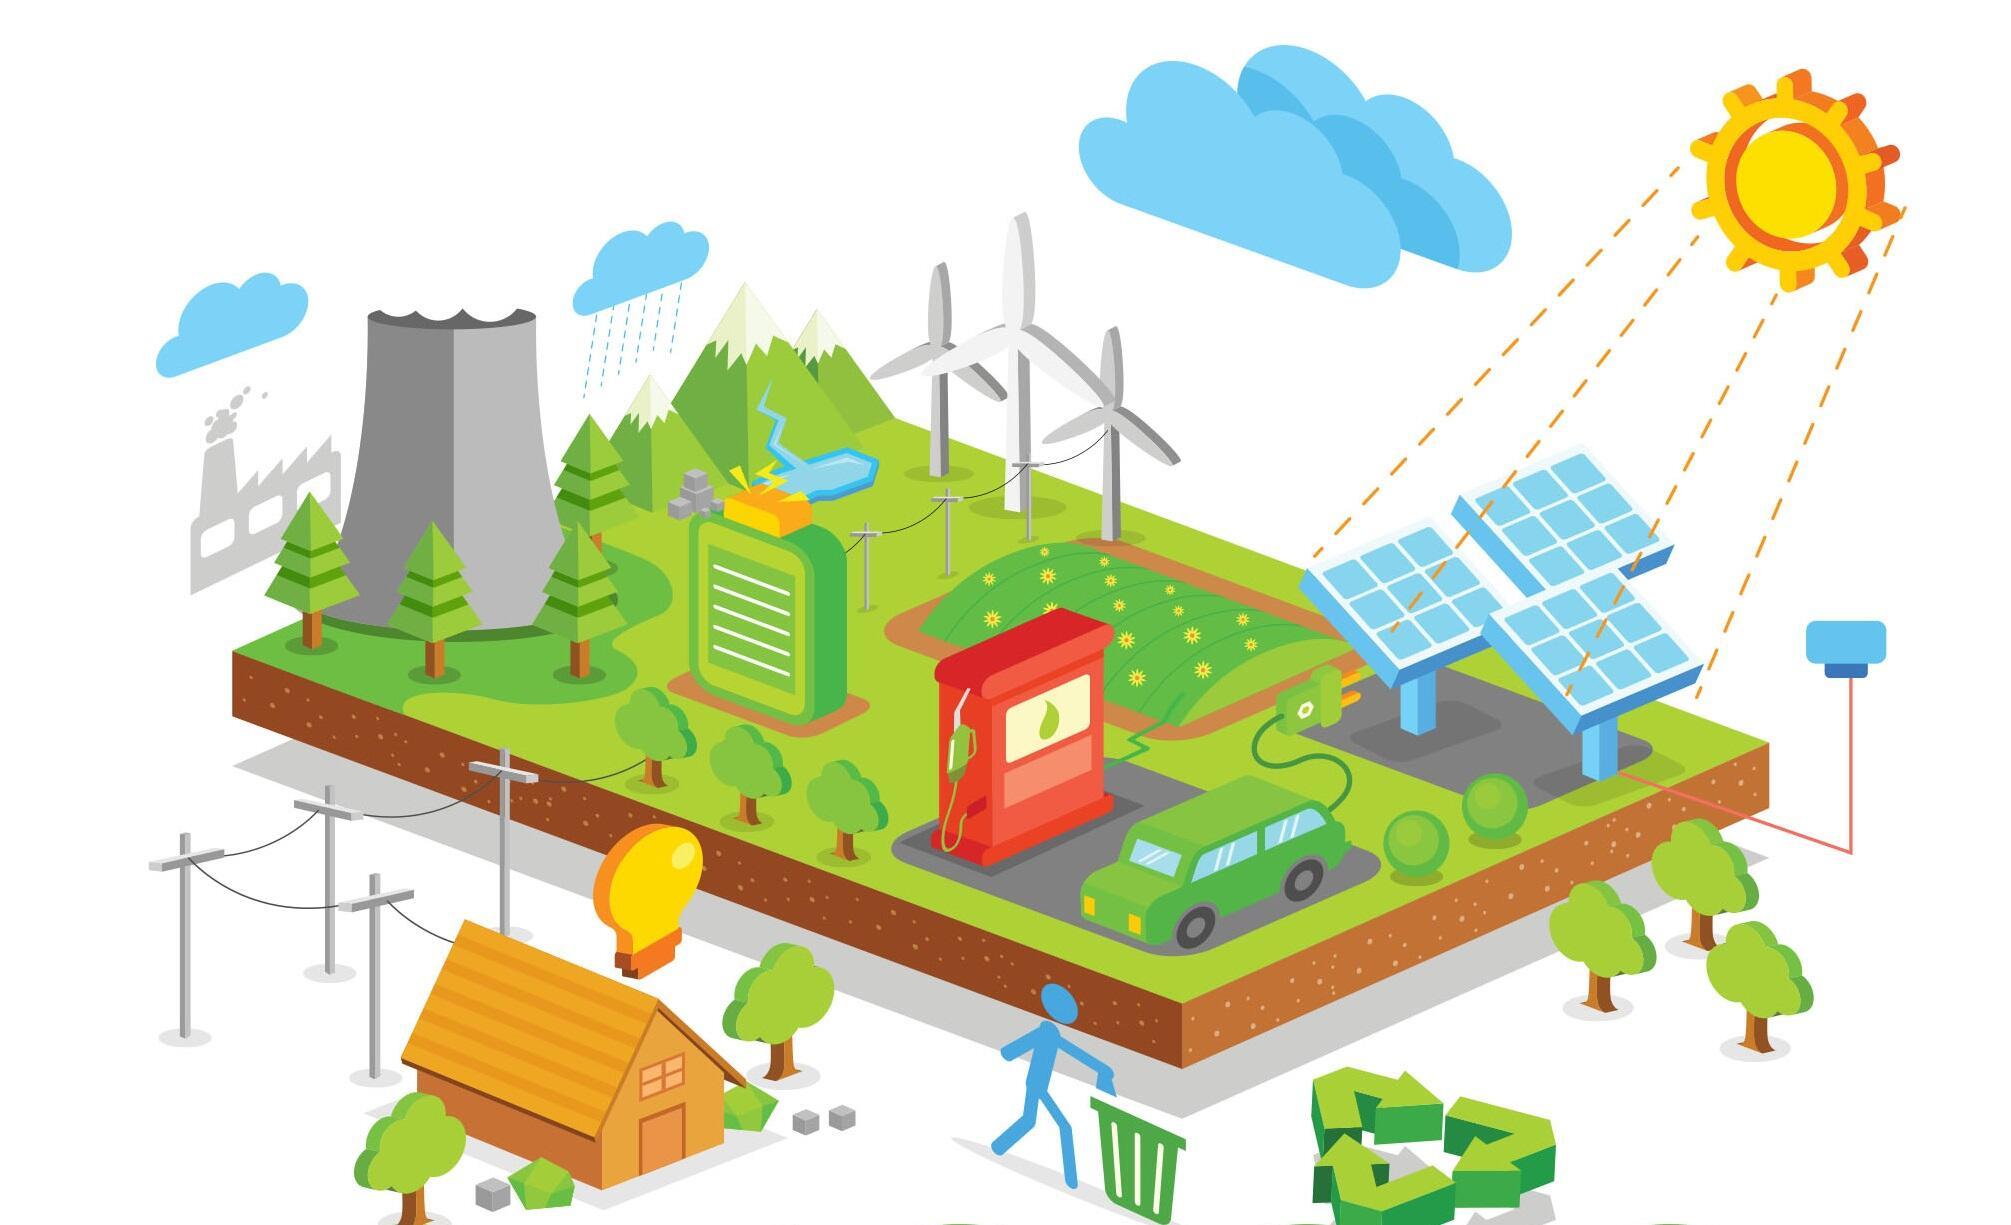 الإقتصاد الأخضر... هل تبدد 24 مليون فرصة عمل هواجس المناخ؟!